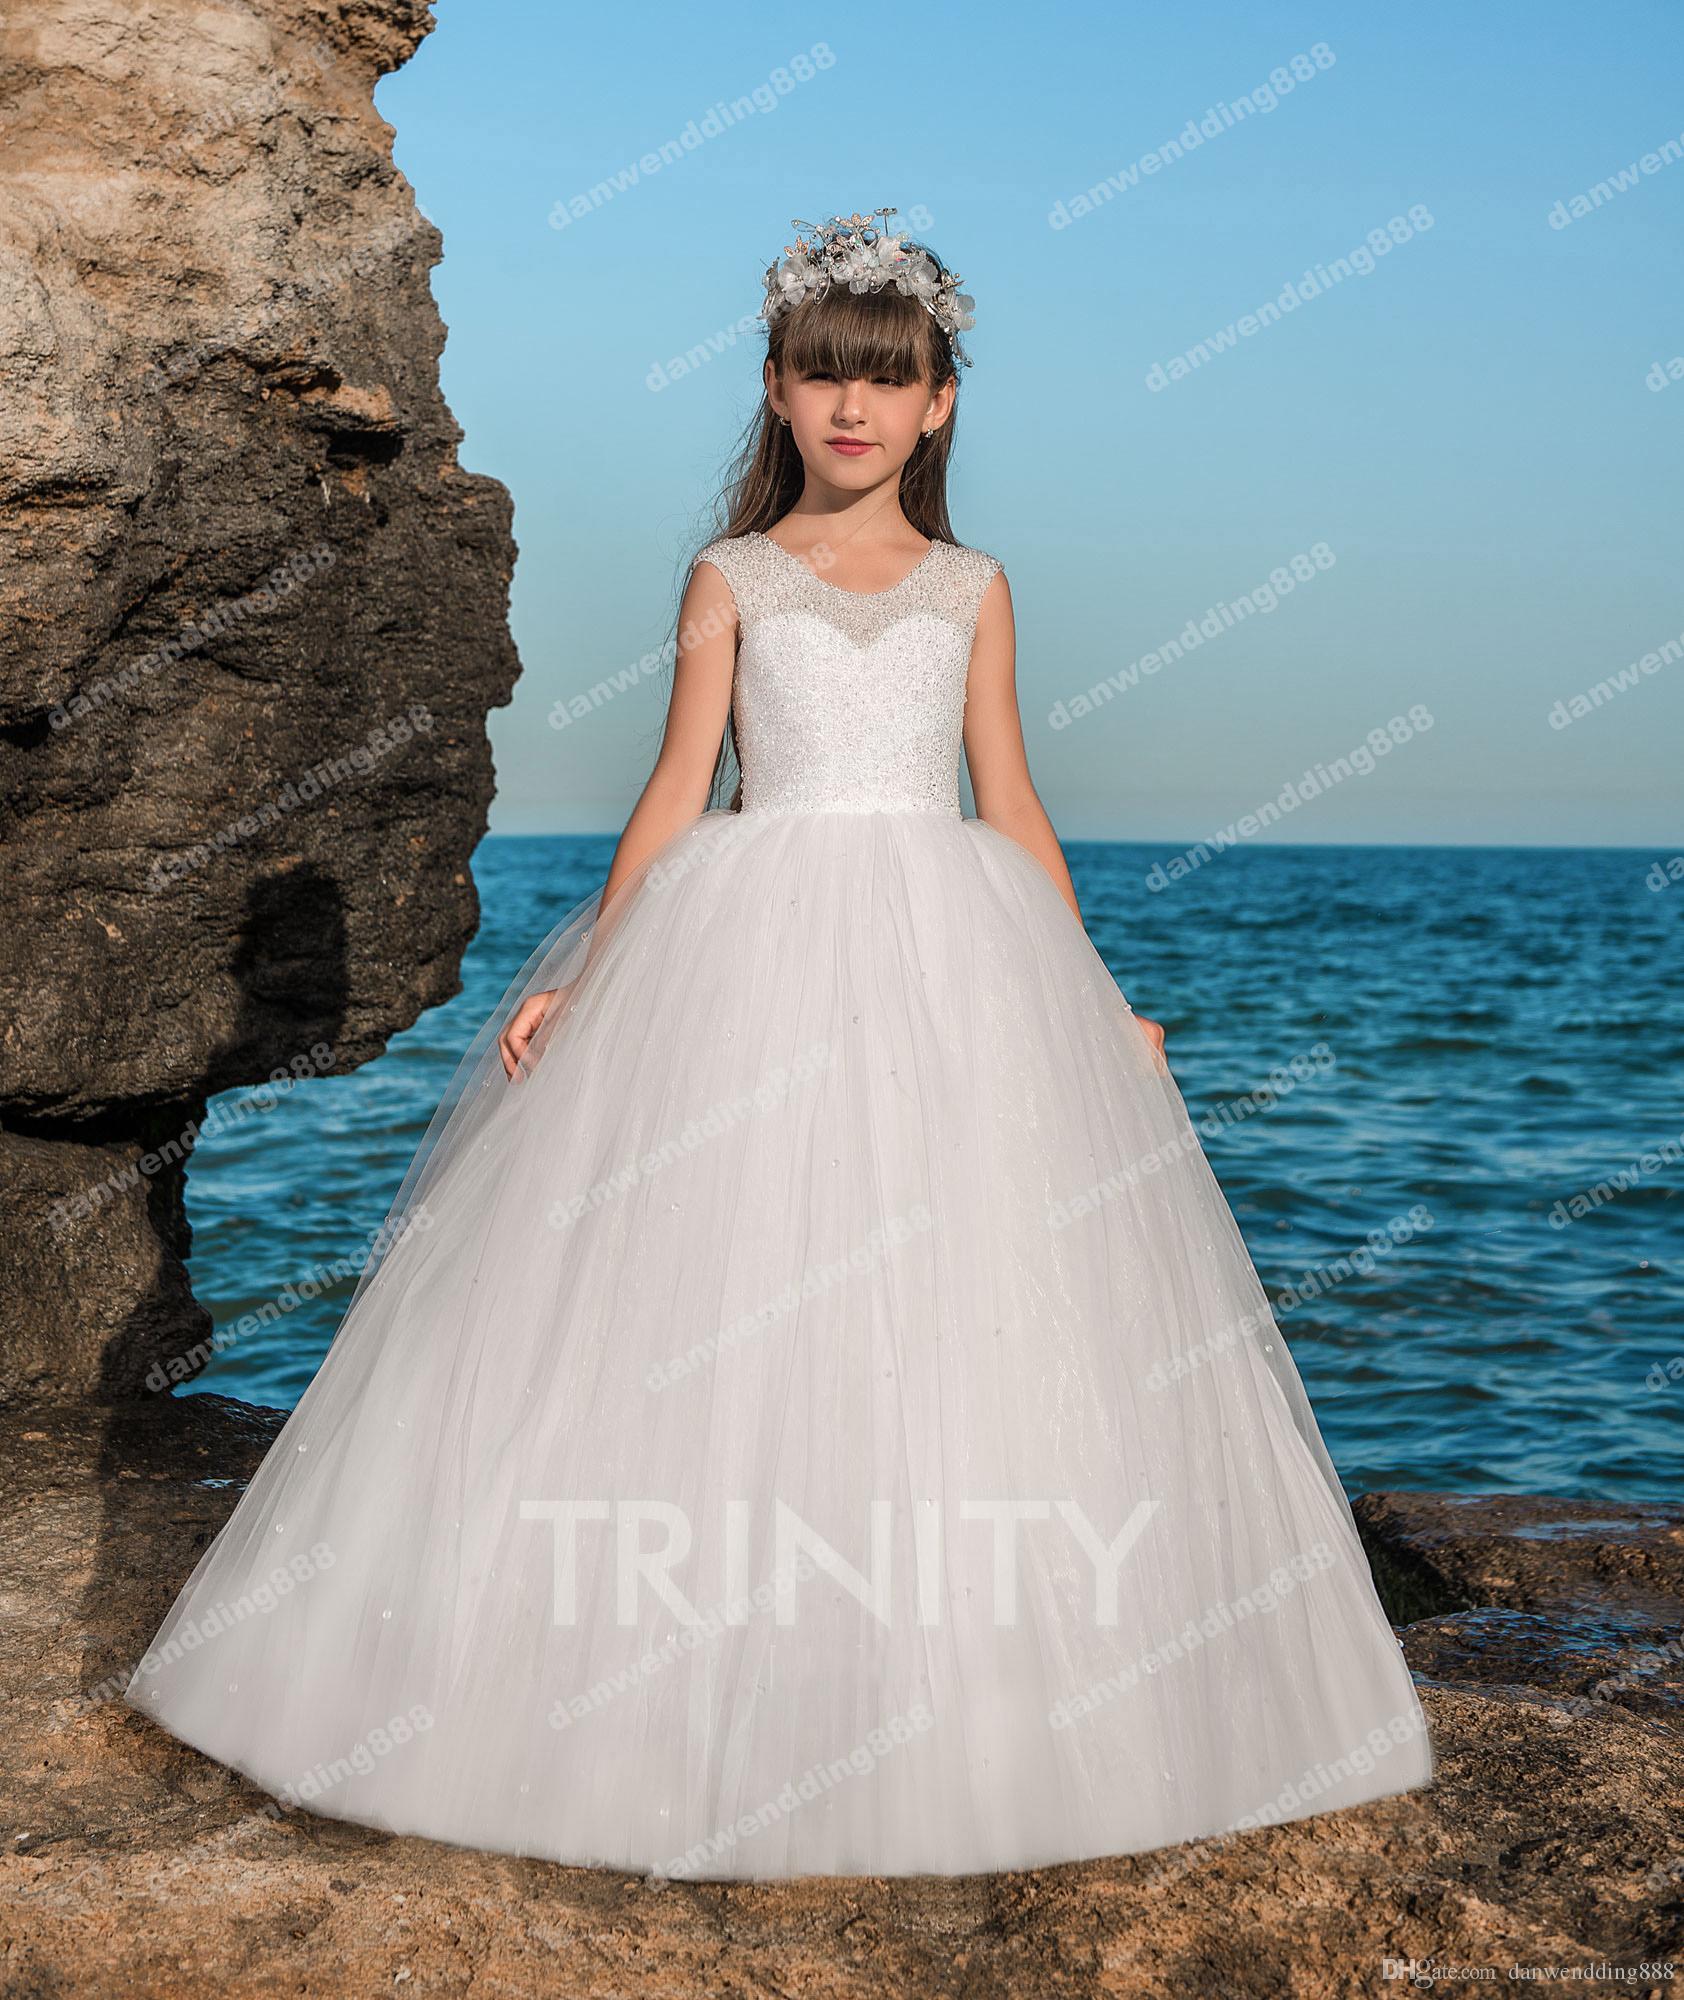 8aa34500cd Lovely Beach White Tulle Jewel Beads Flower Girl Dresses Princess Dresses  Girl S Pageant Dresses Custom Made Size 2 6 8 10 12 14 KF404354 Flower Girl  ...